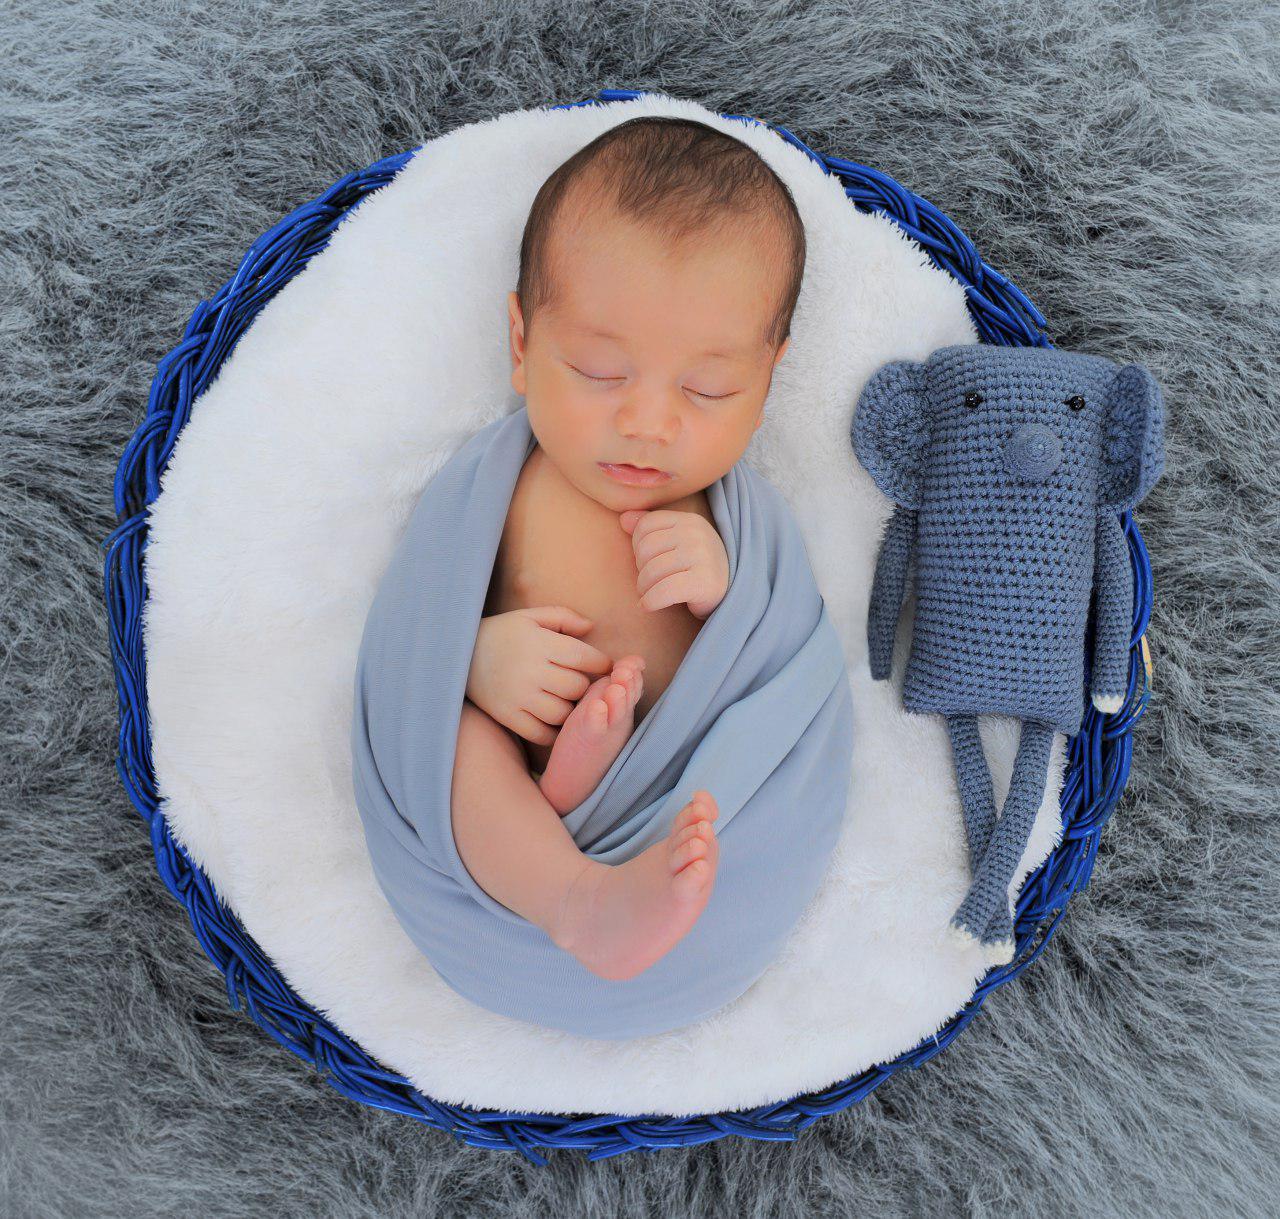 آتلیه تخصصی نوزاد و ژست عکس نوزادی